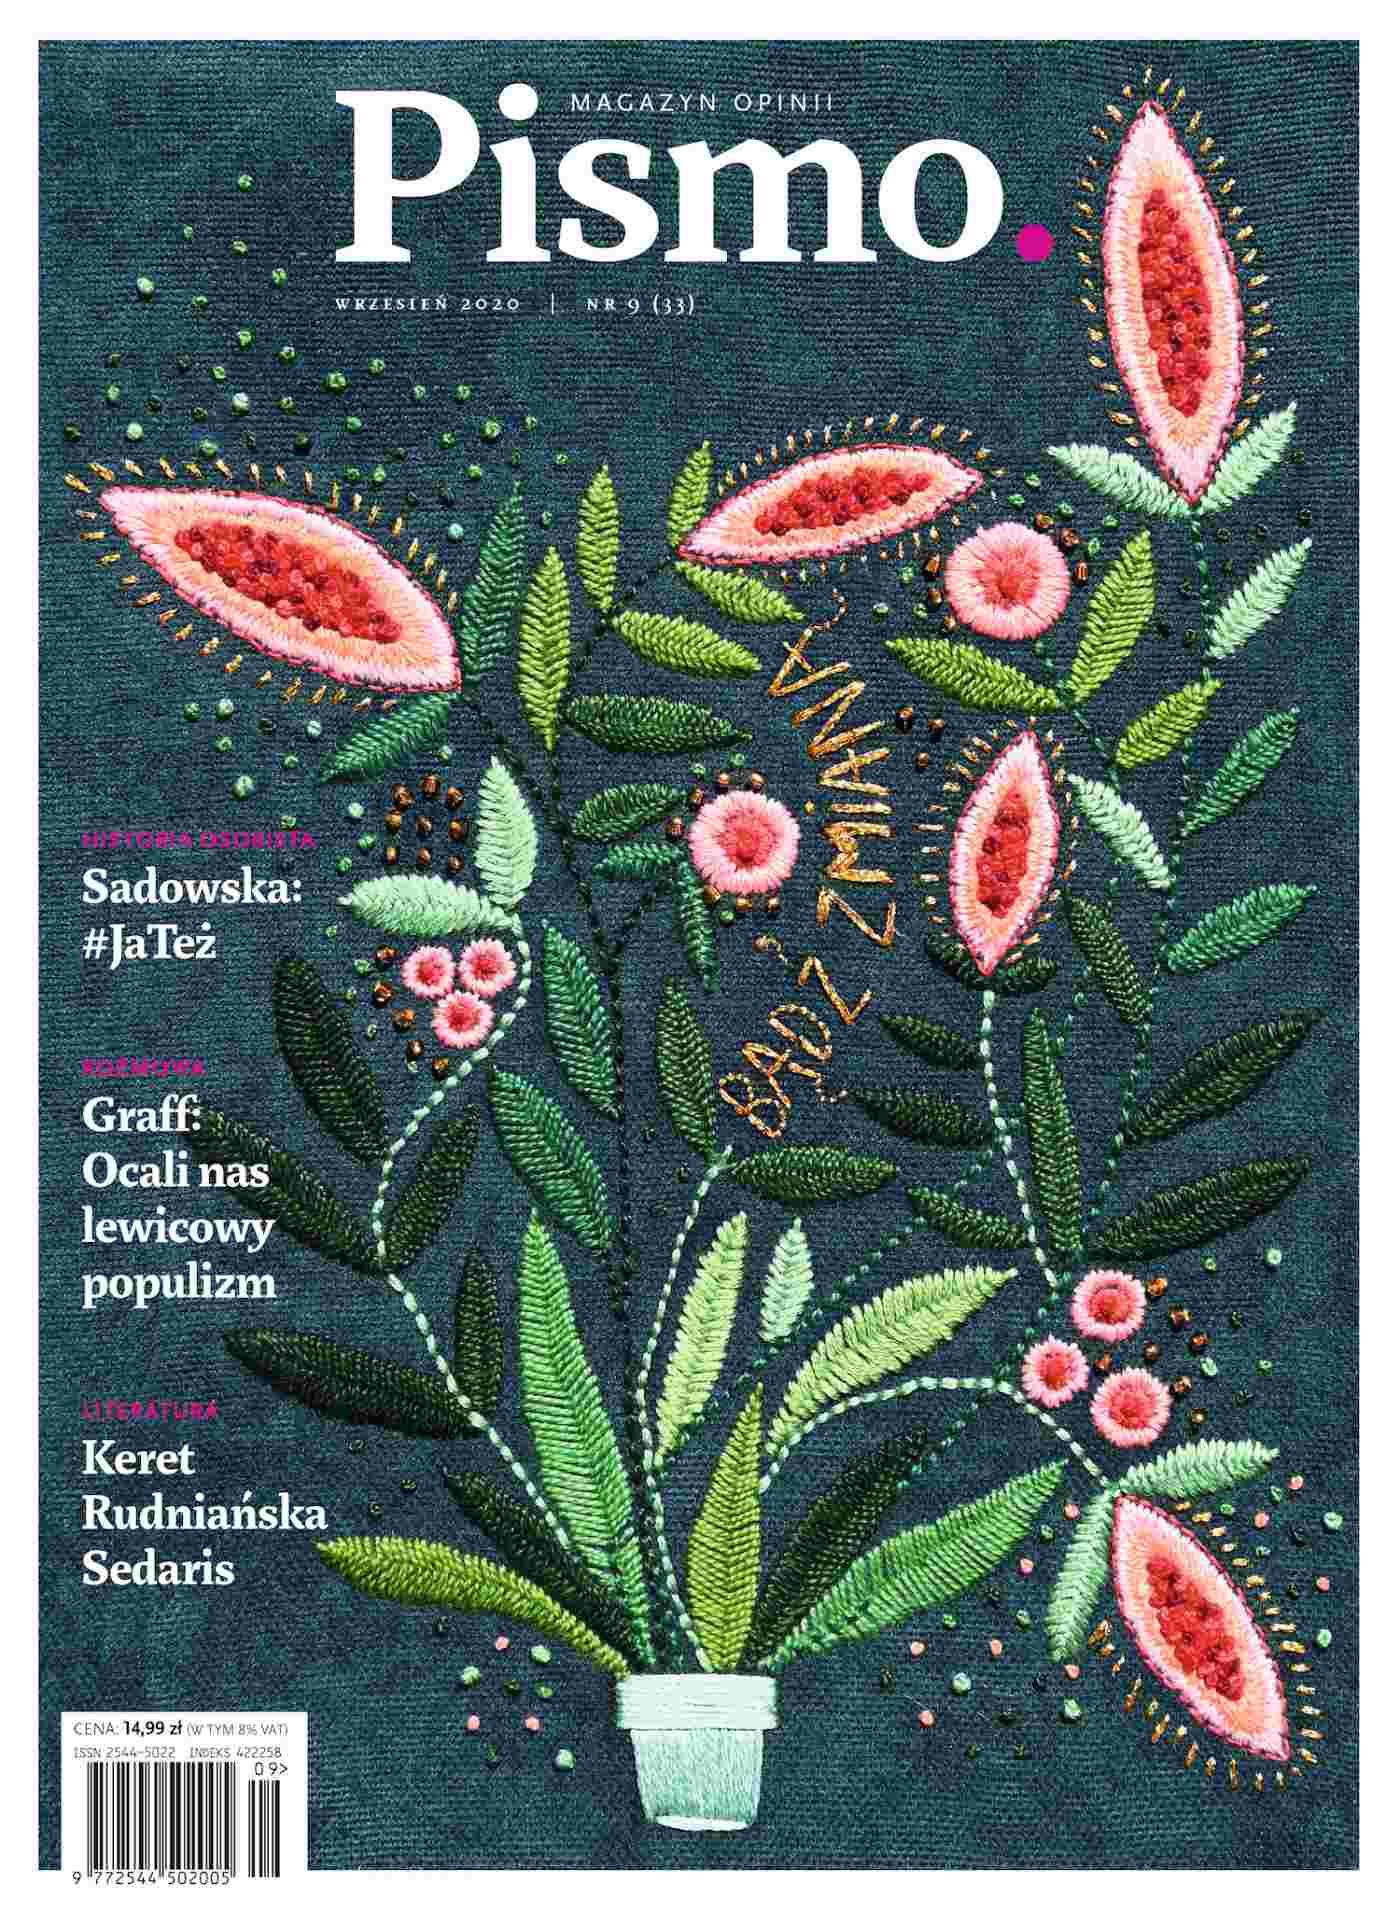 Pismo. Magazyn Opinii 09/2020 - Audiobook (Książka audio MP3) do pobrania w całości w archiwum ZIP